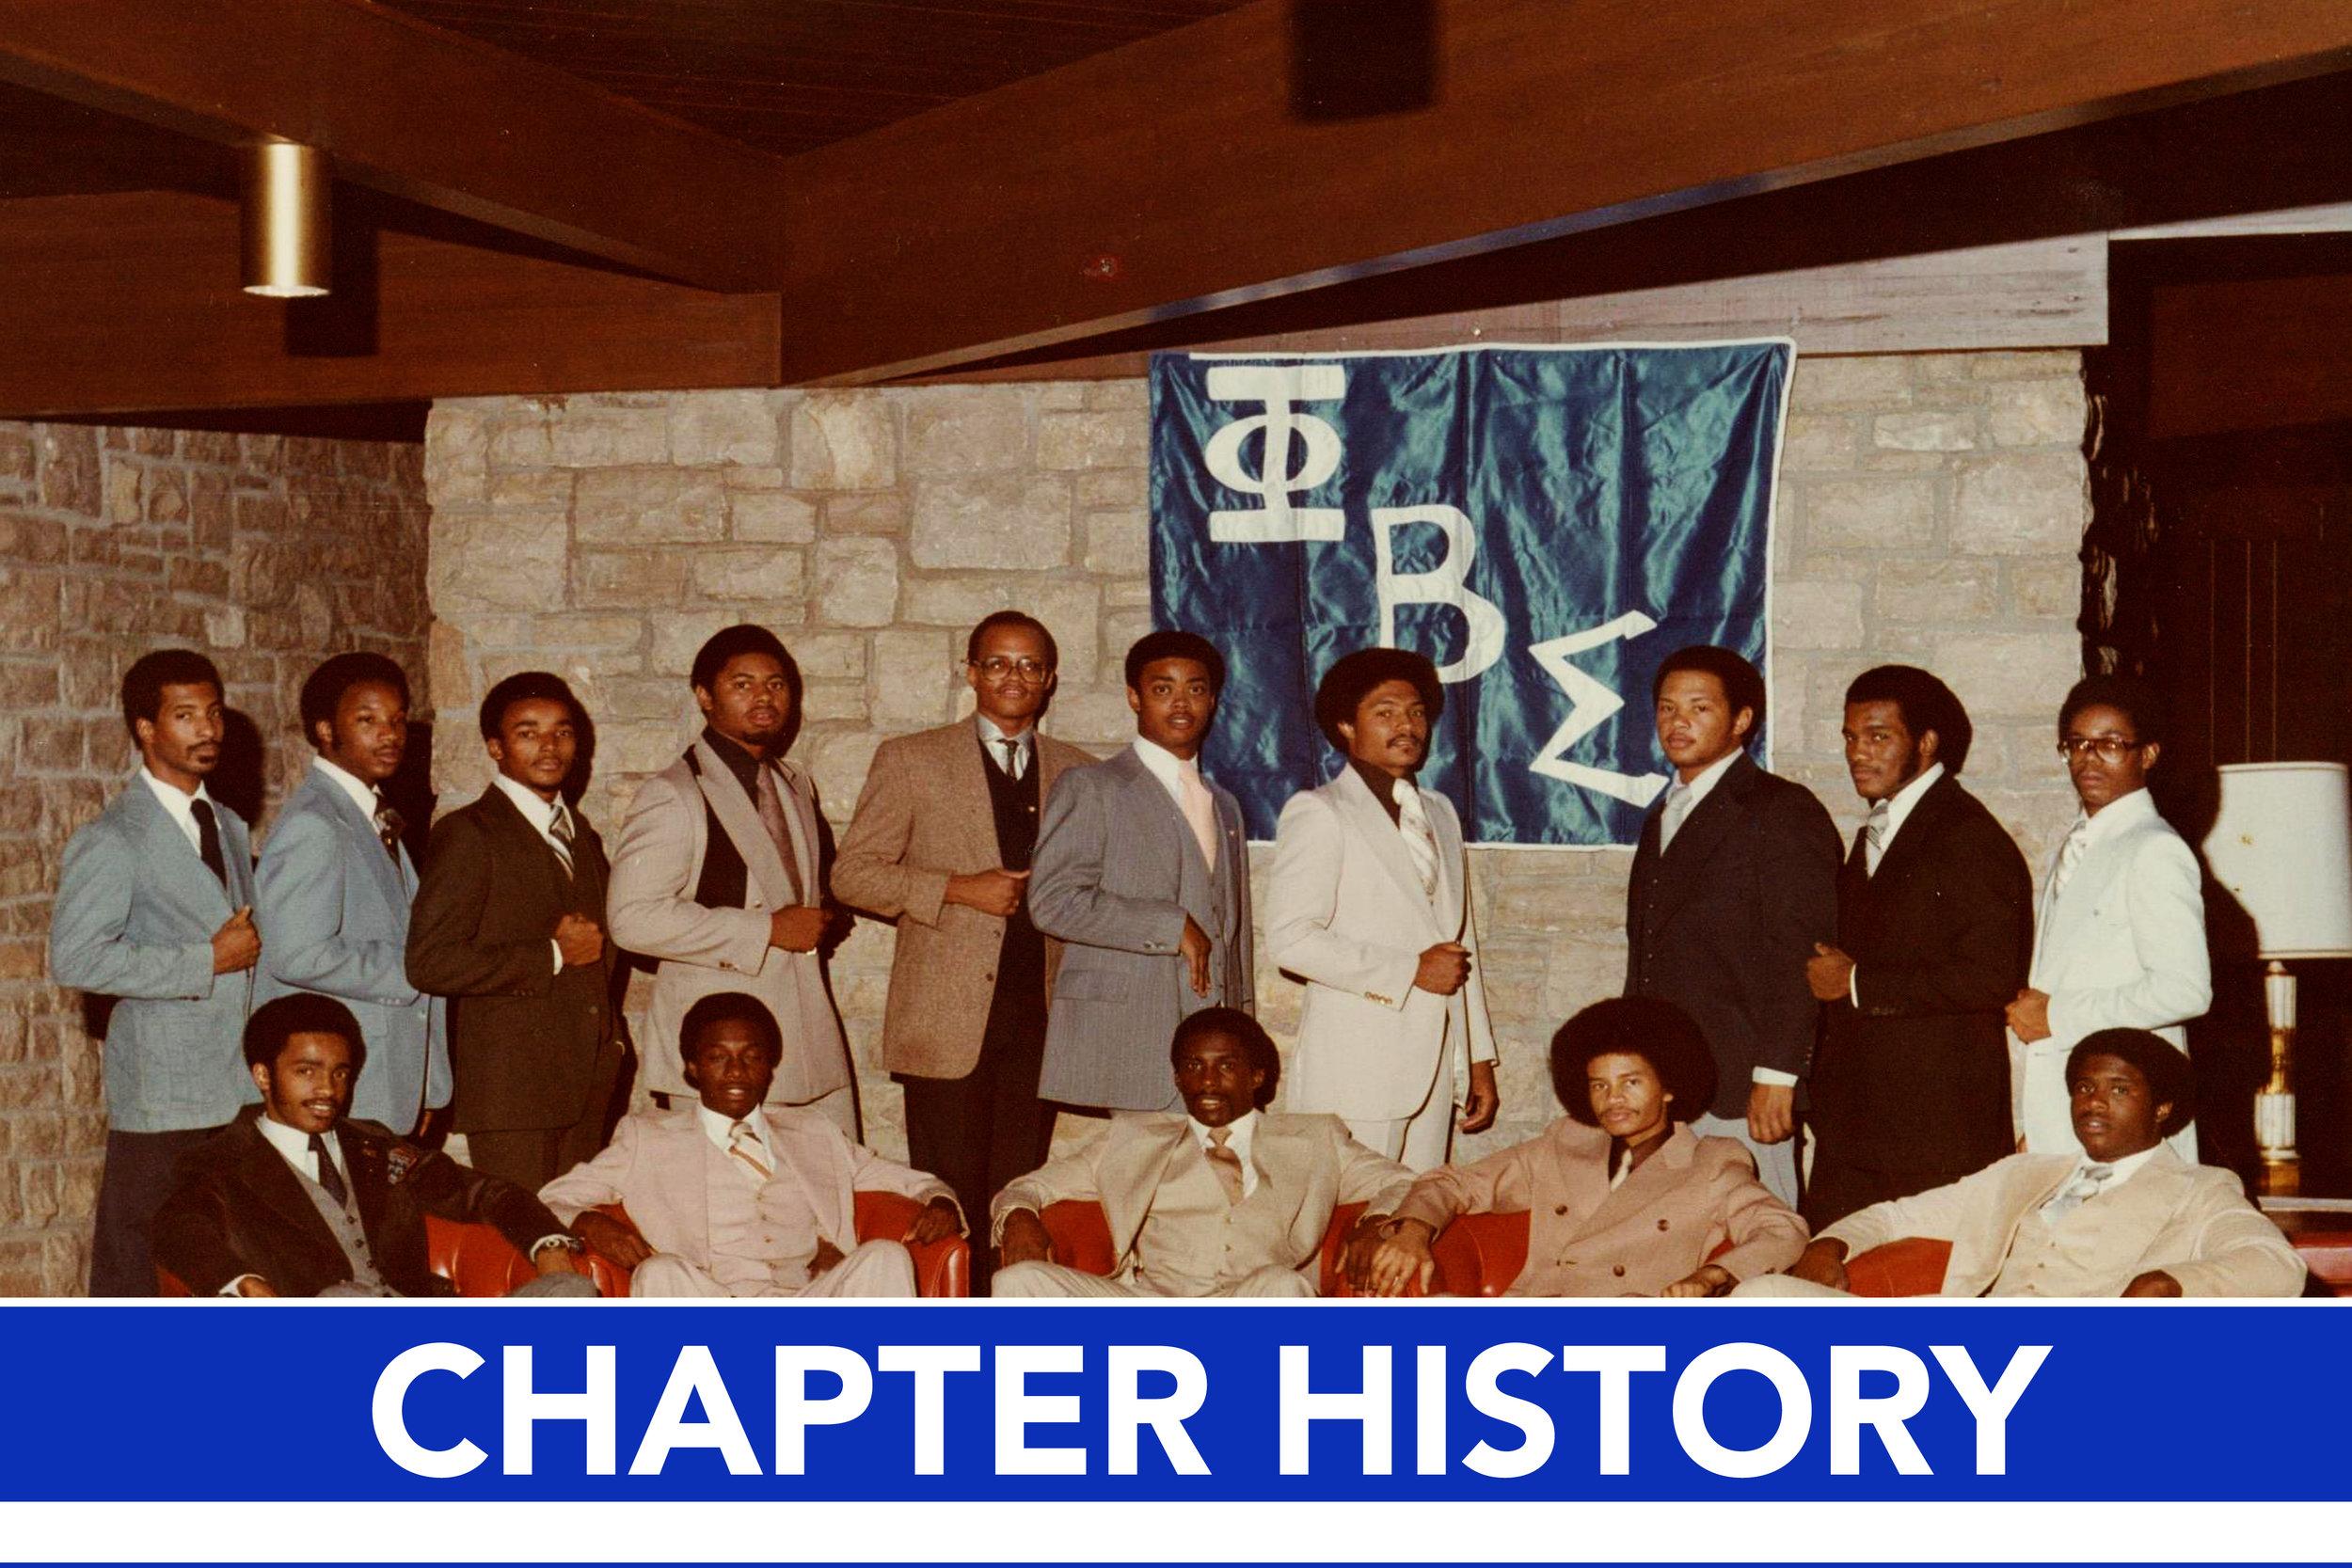 chapterhistory1.jpg